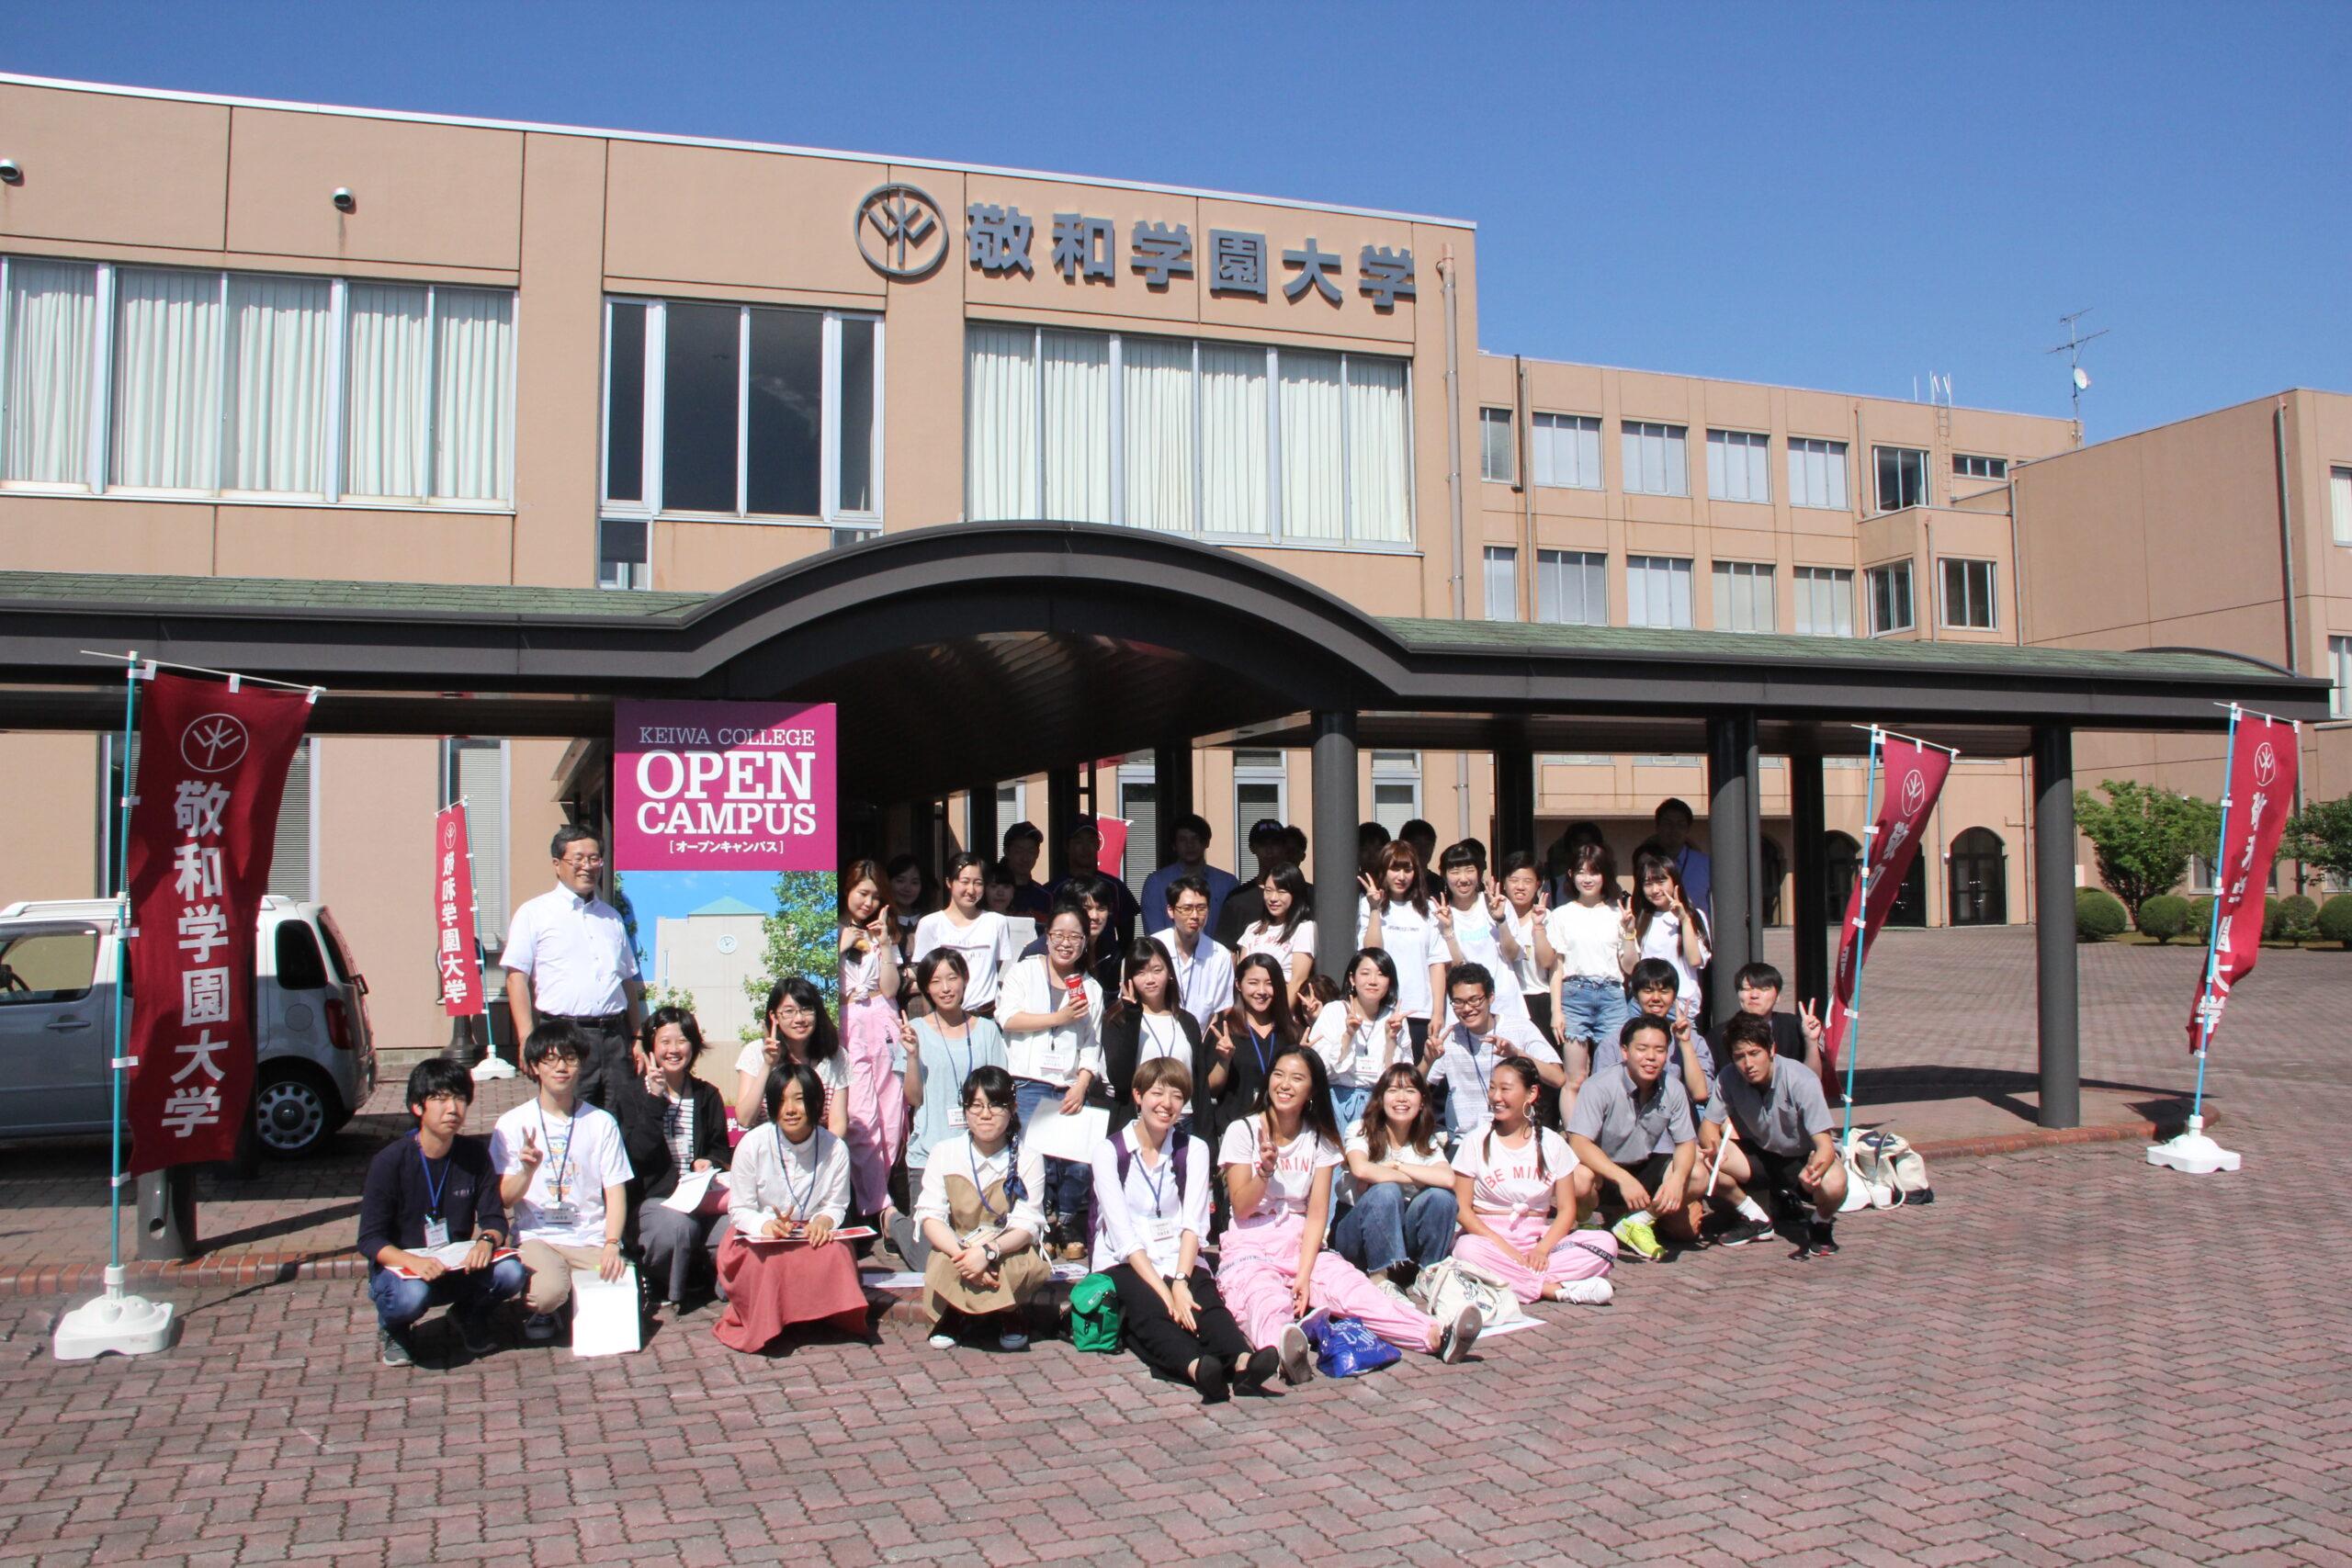 第3回オープンキャンパス(7月)を開催しました